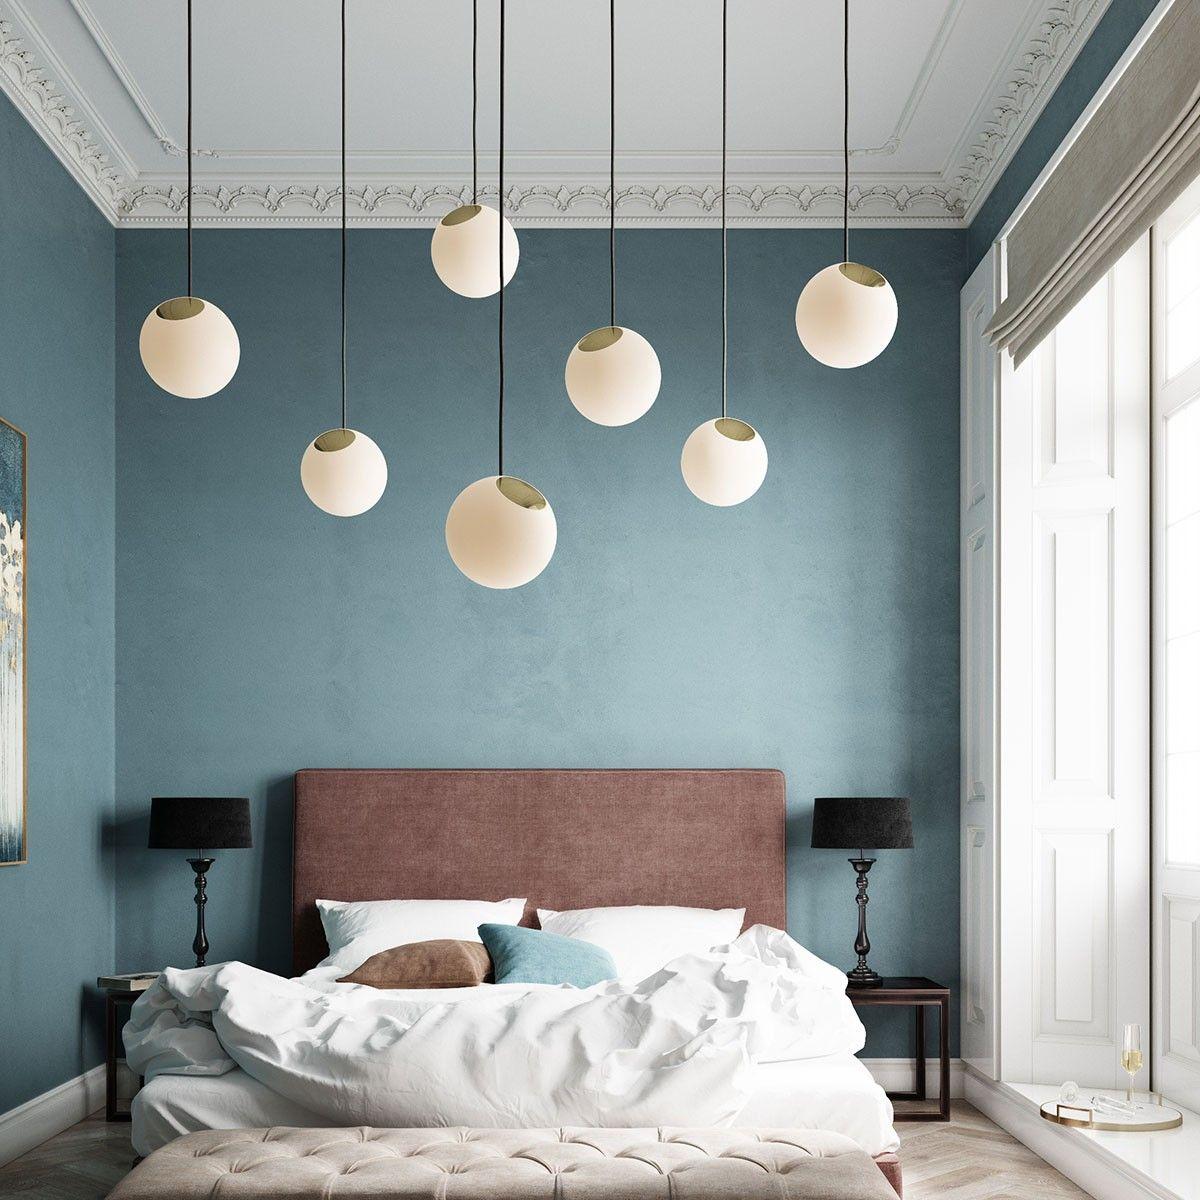 suspension bright spot cr me object design pinterest meuble deco d co int rieure et. Black Bedroom Furniture Sets. Home Design Ideas